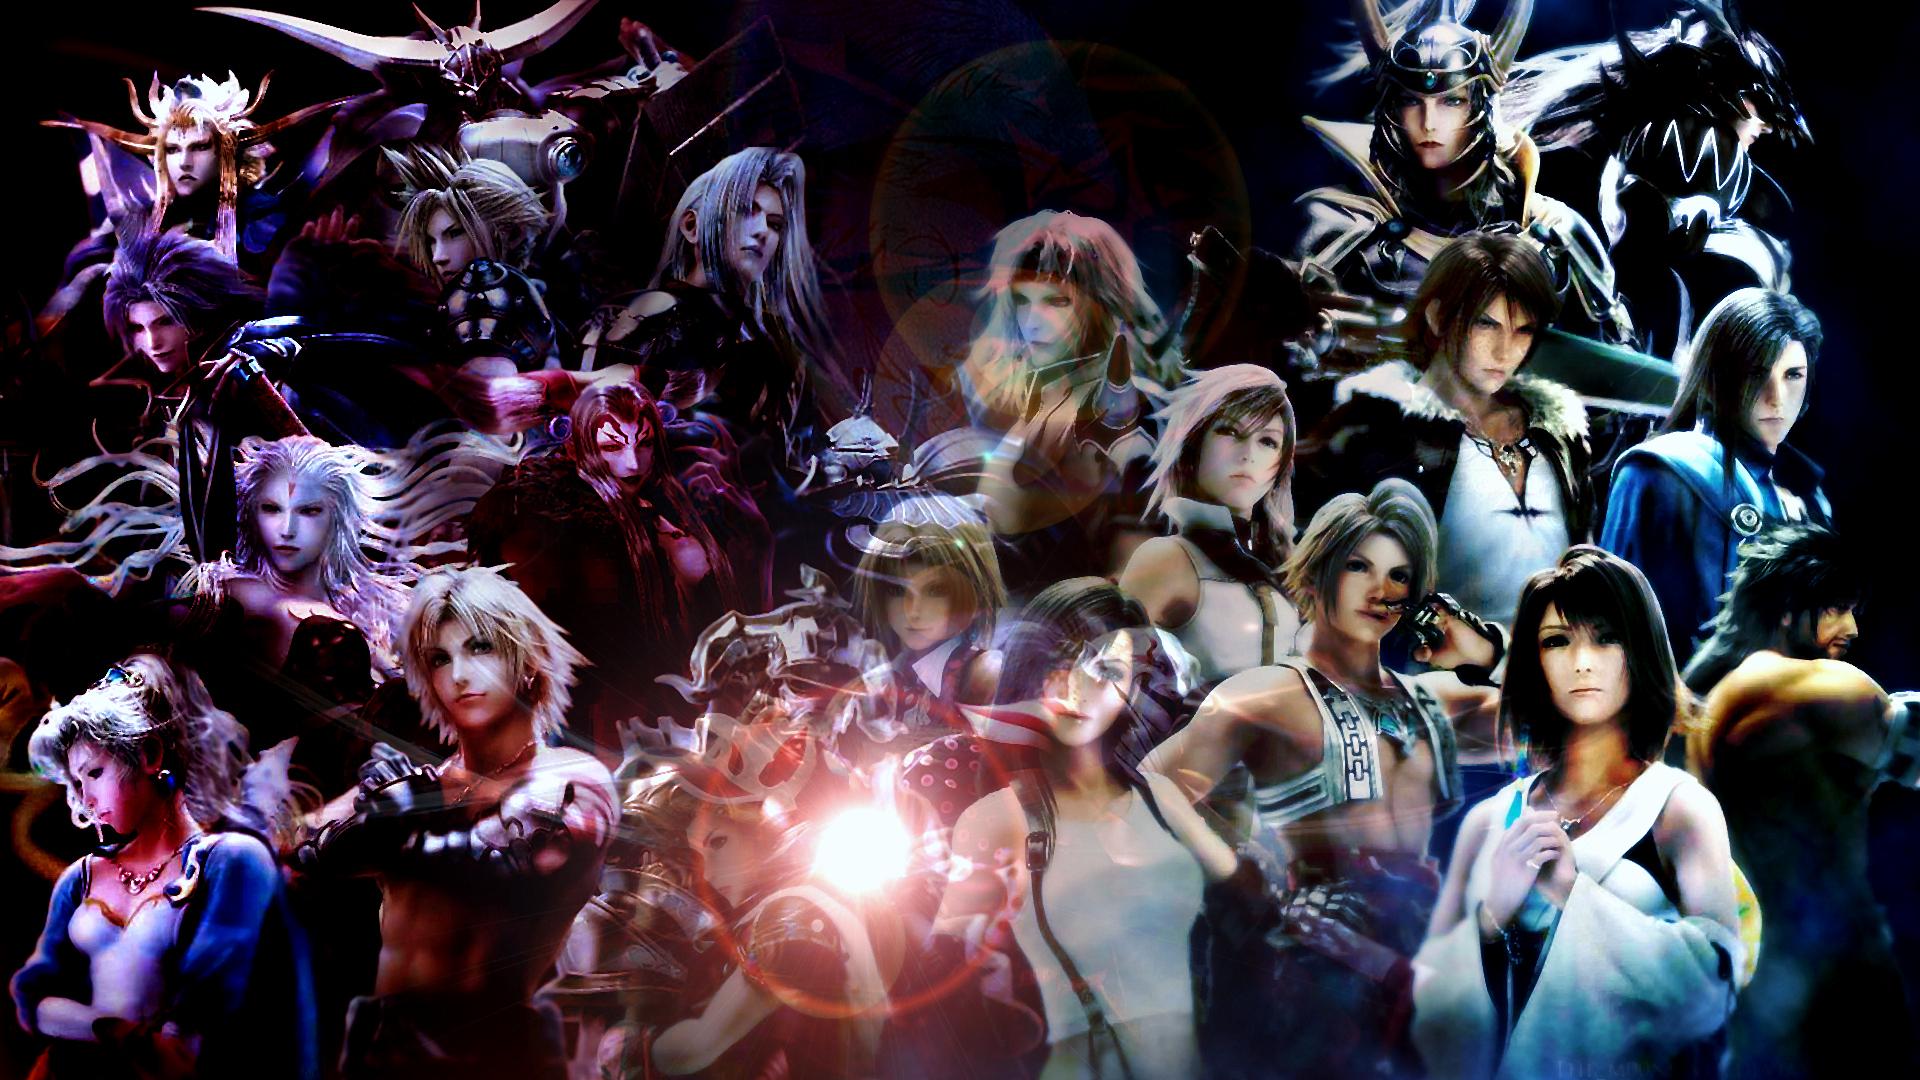 Final fantasy x wallpaper zerochan anime image board - Final fantasy 9 wallpaper 1920x1080 ...